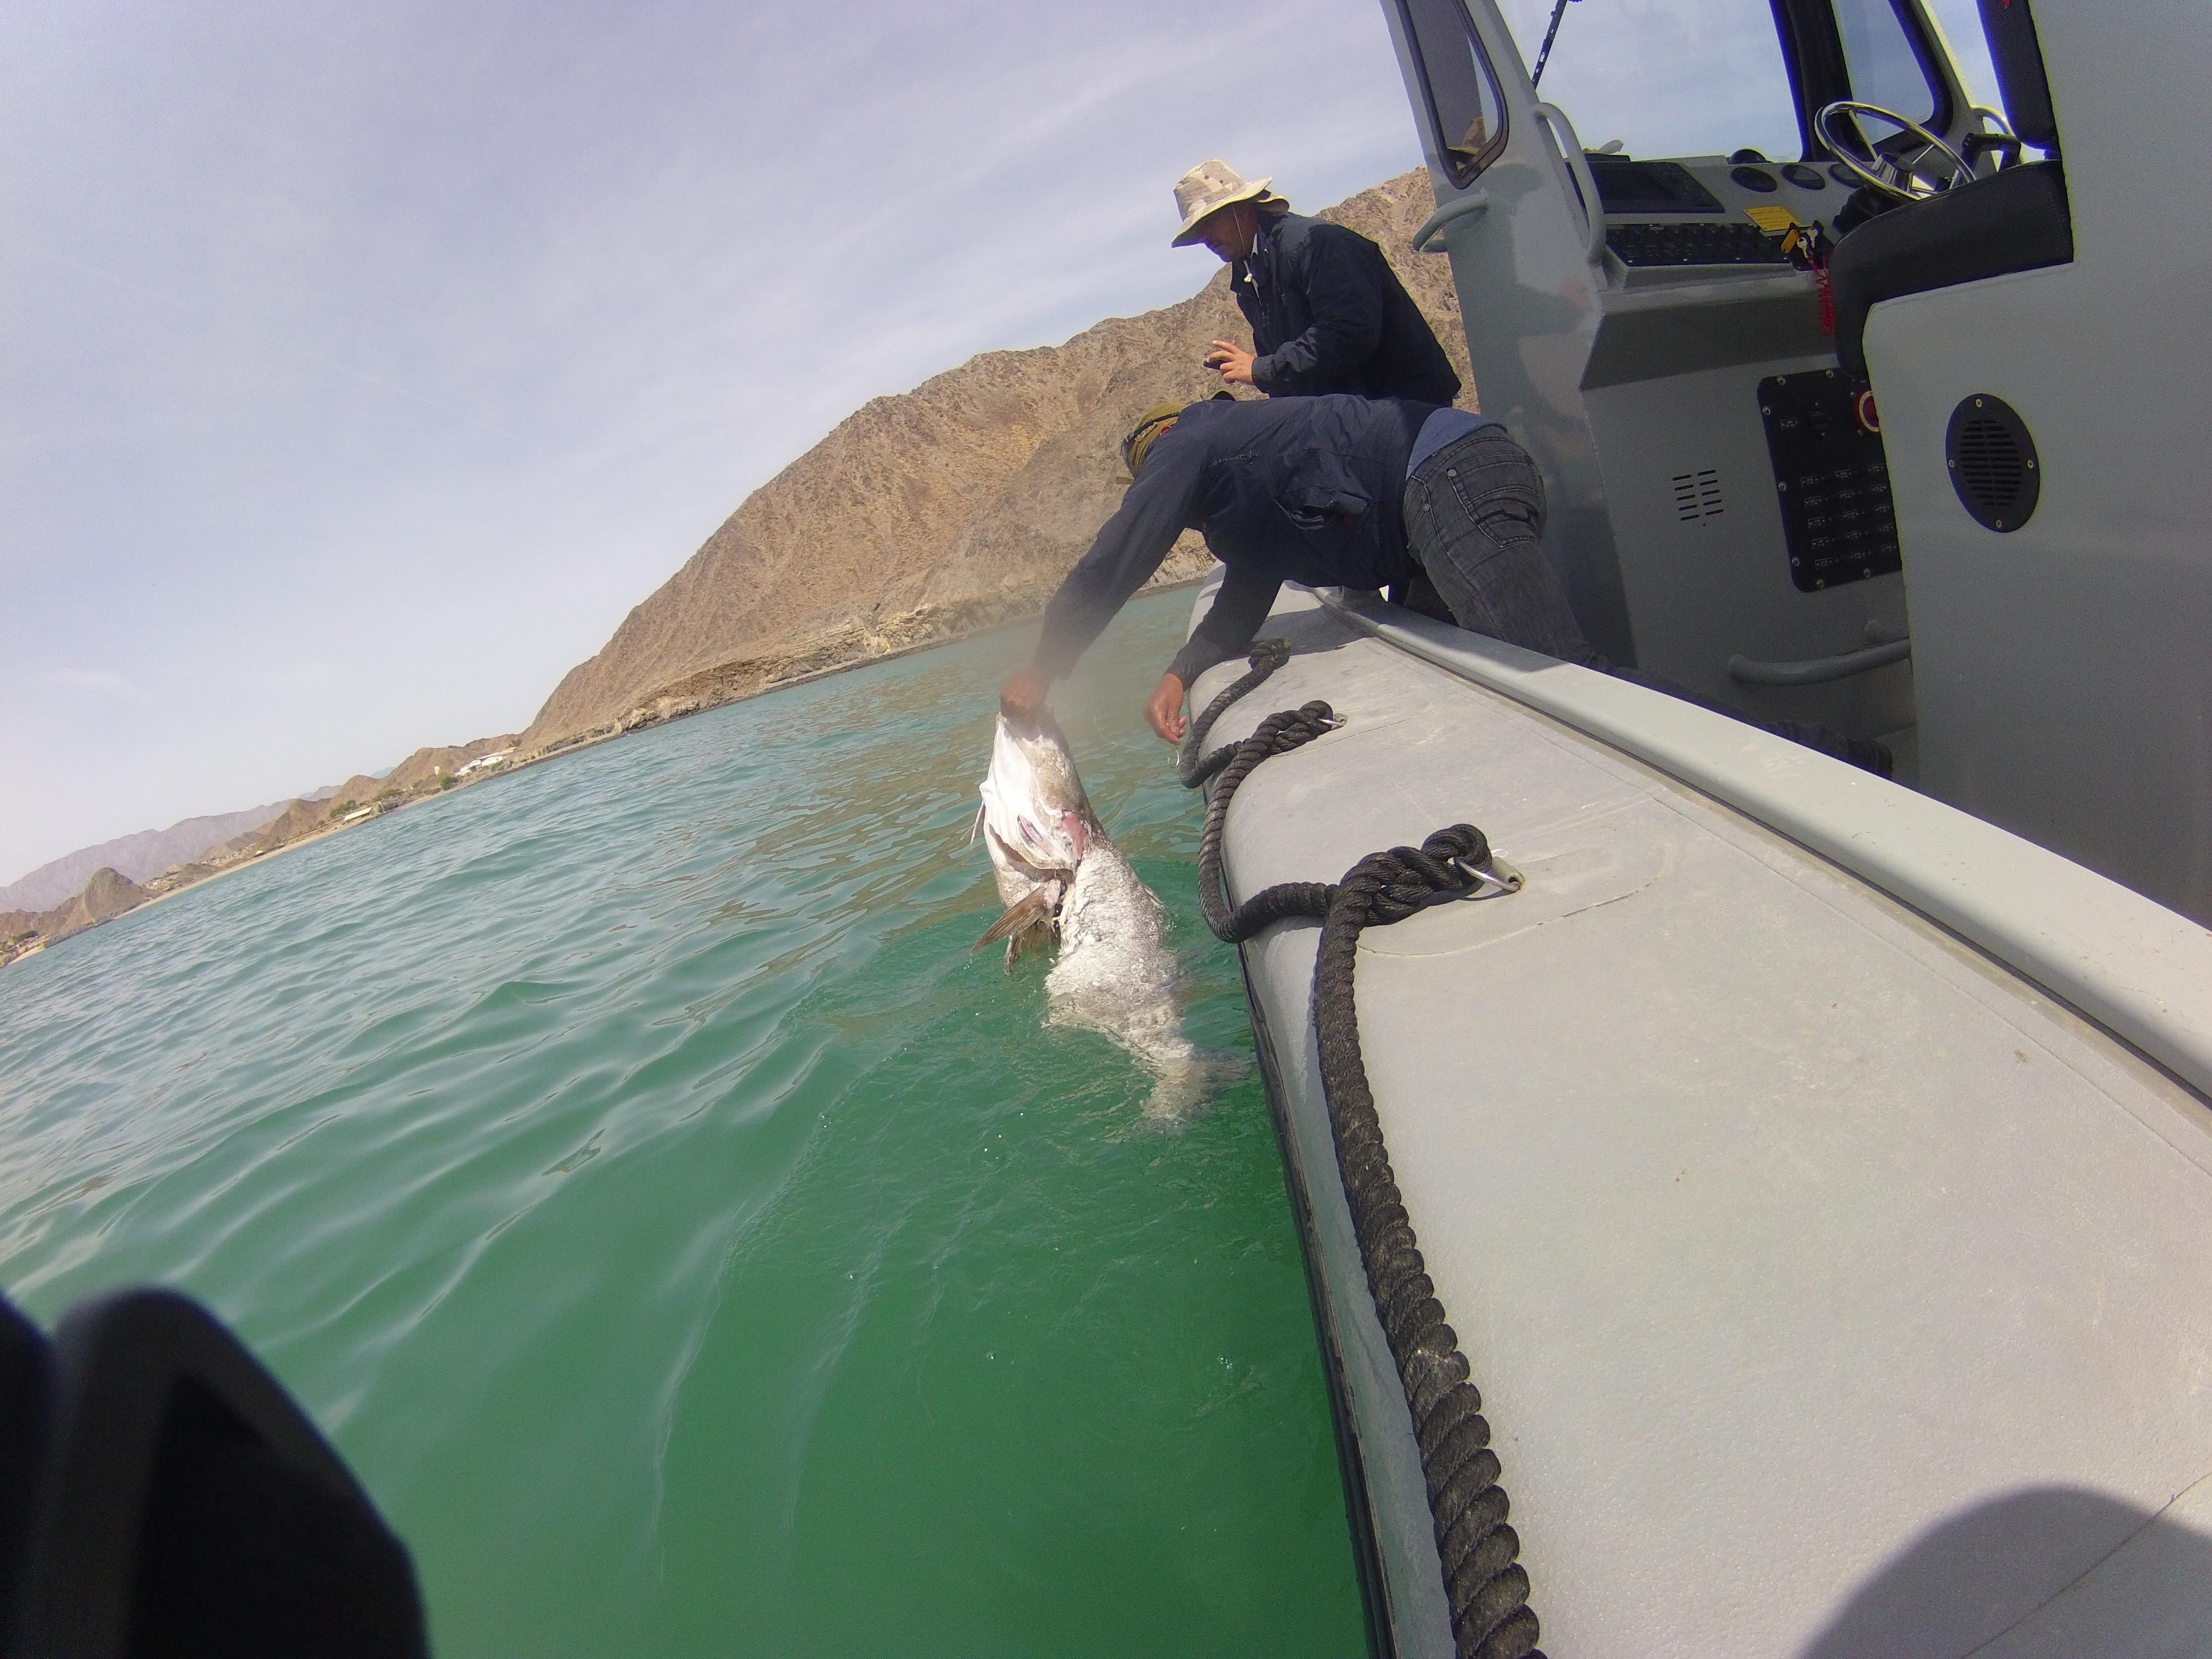 Totoaba sin buche es recuperada por inspector de la Profepa en San Felipe Baja California luego de que pescadores la lanzaran al percatarse del operativo. Crédito: Naguales